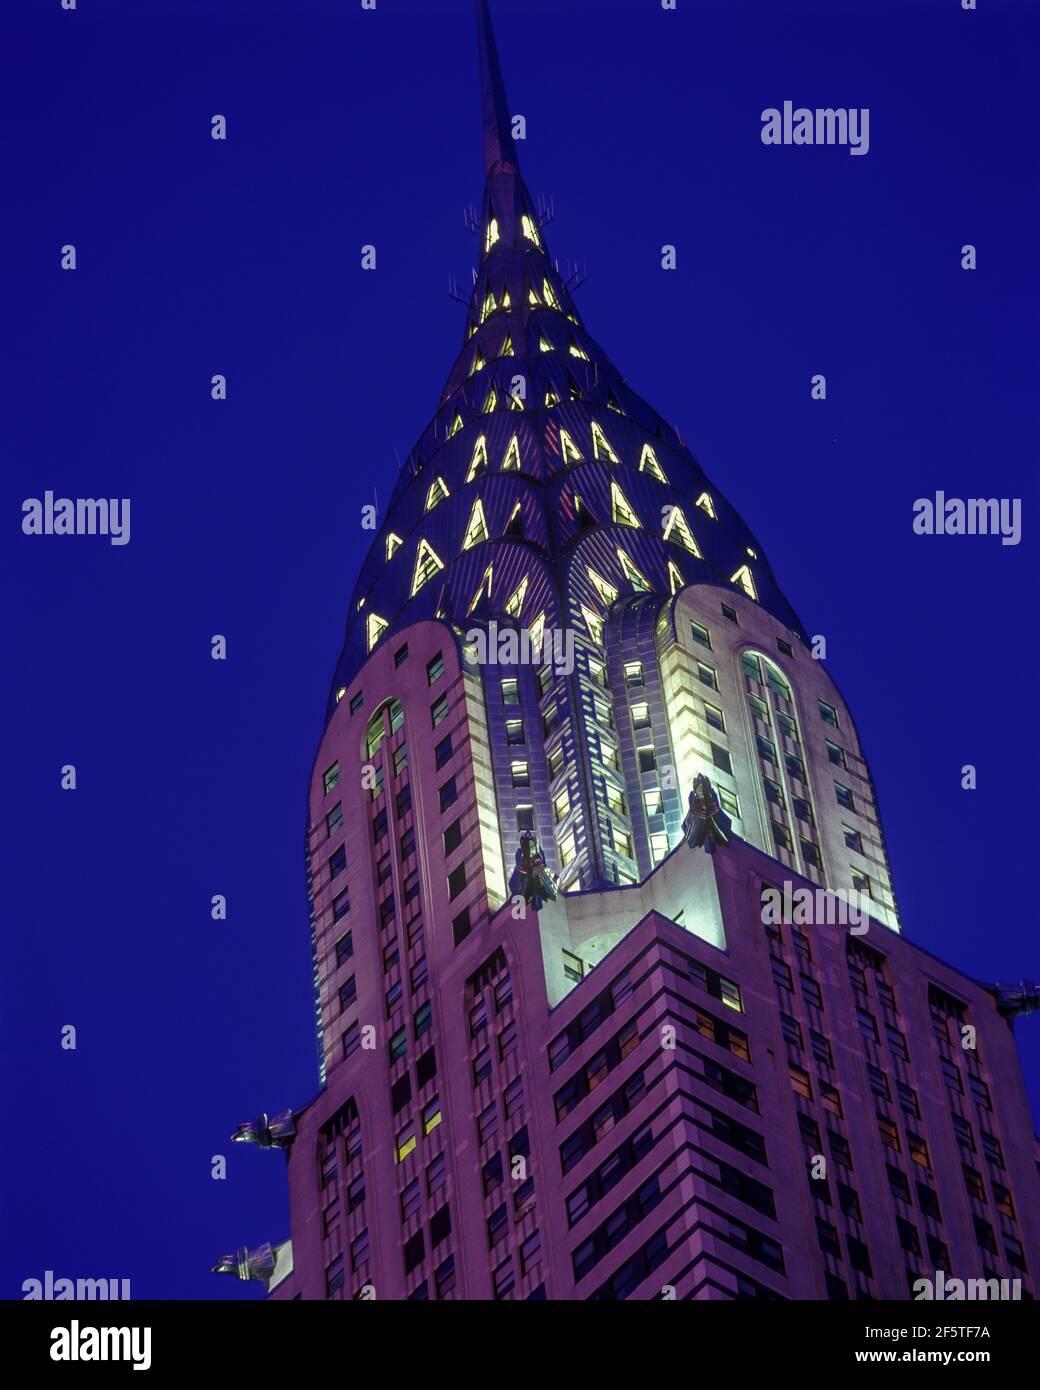 2004 BÂTIMENT HISTORIQUE CHRYSLER (©WLLIAM VAN ALEN 1930) MIDTOWN MANHATTAN NEW YORK CITY ÉTATS-UNIS Banque D'Images